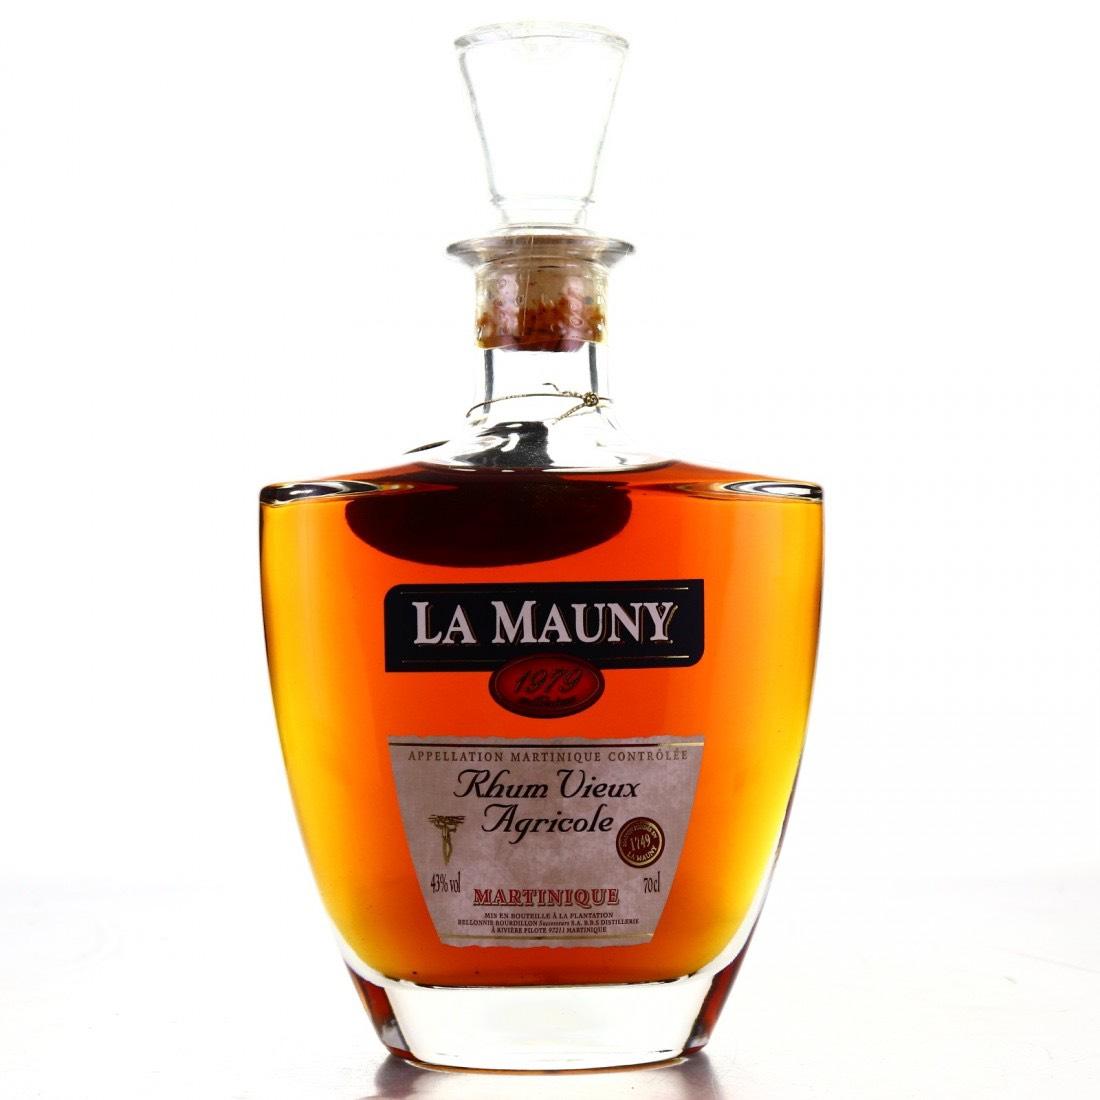 Bottle image of Rhum Vieux Agricole